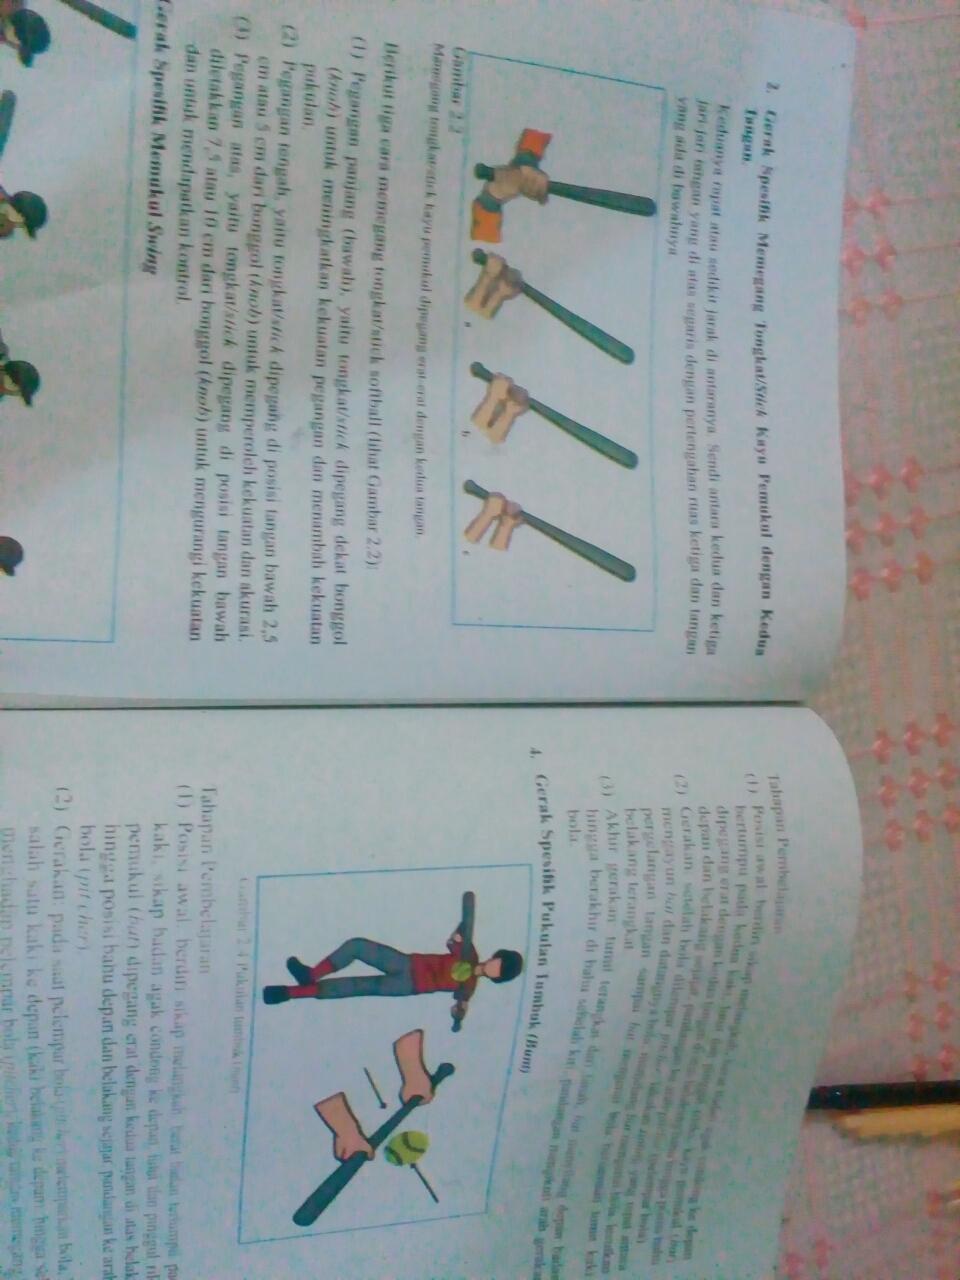 Bagaimana Cara Memegang Stick Dengan Teknik Pegangan Atas Dalam Permainan Softball : bagaimana, memegang, stick, dengan, teknik, pegangan, dalam, permainan, softball, Sebutkan, Teknik, Dasar, Memegang, Tongkat, Pemukul, Dalam, Permainan, Softball, Brainly.co.id